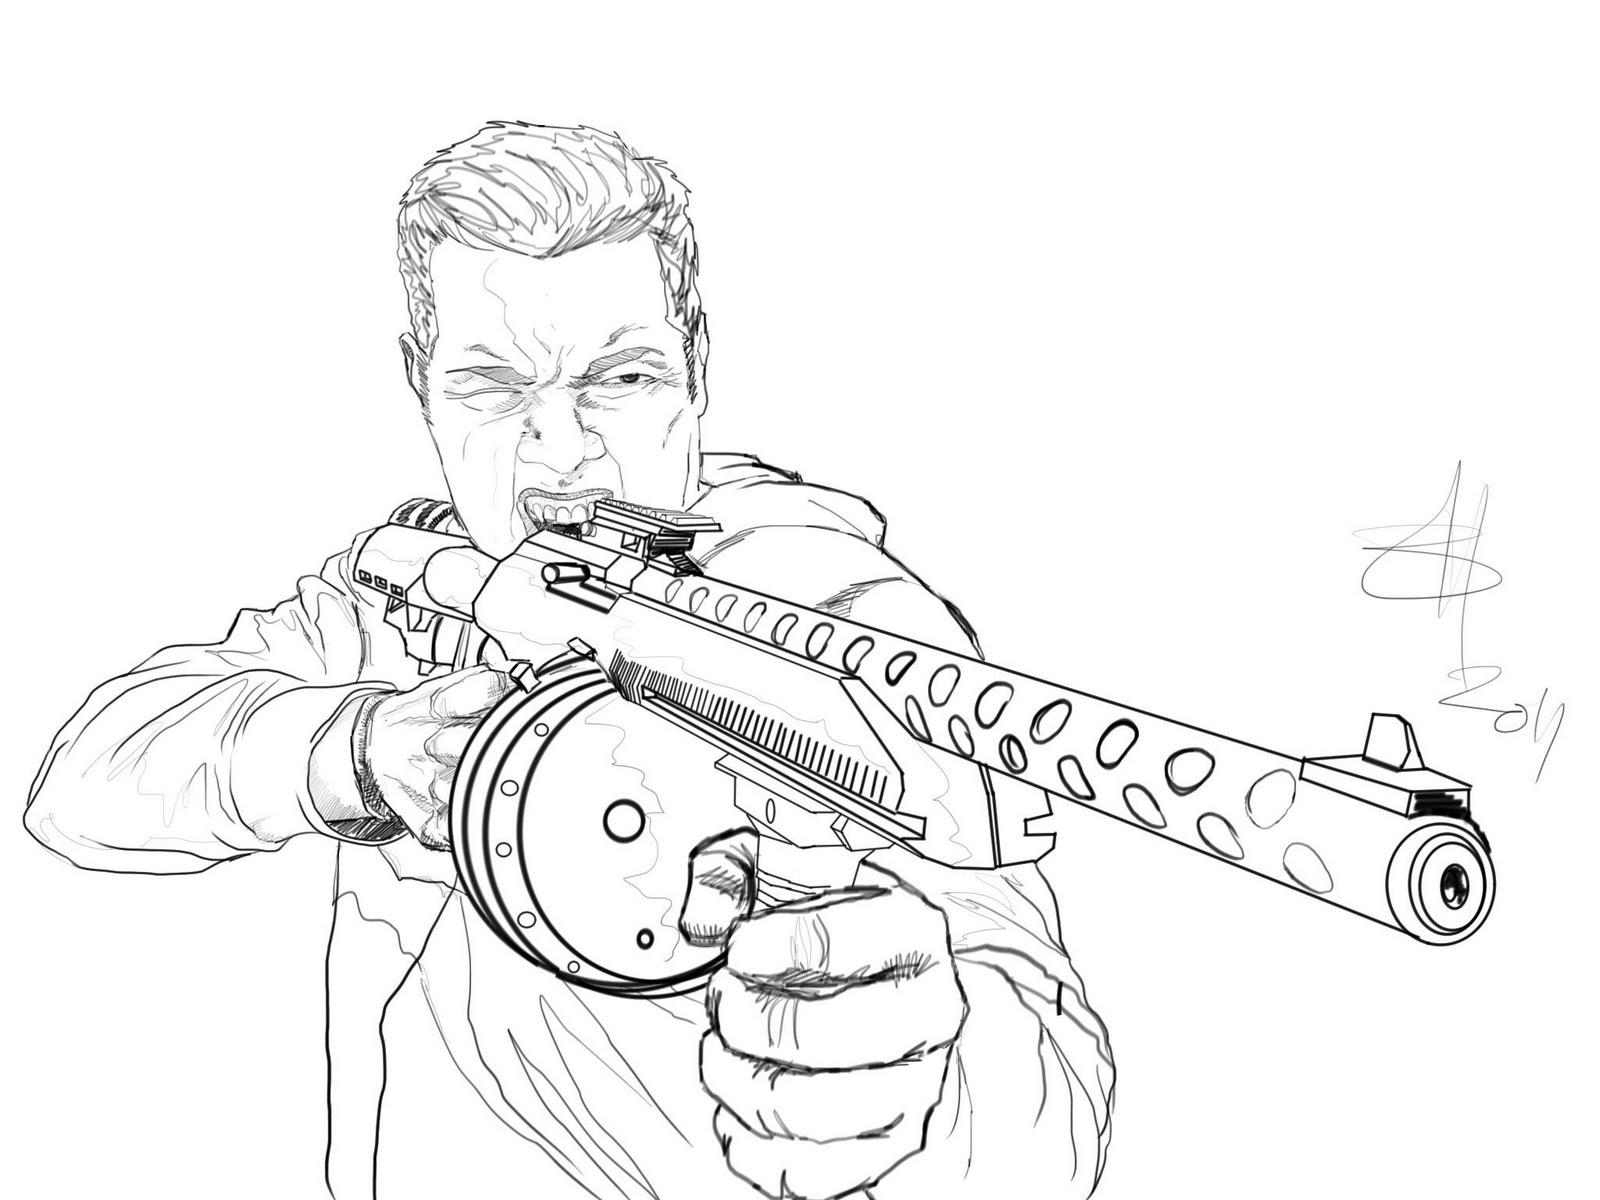 Gun Drawing In Pencil At Getdrawings